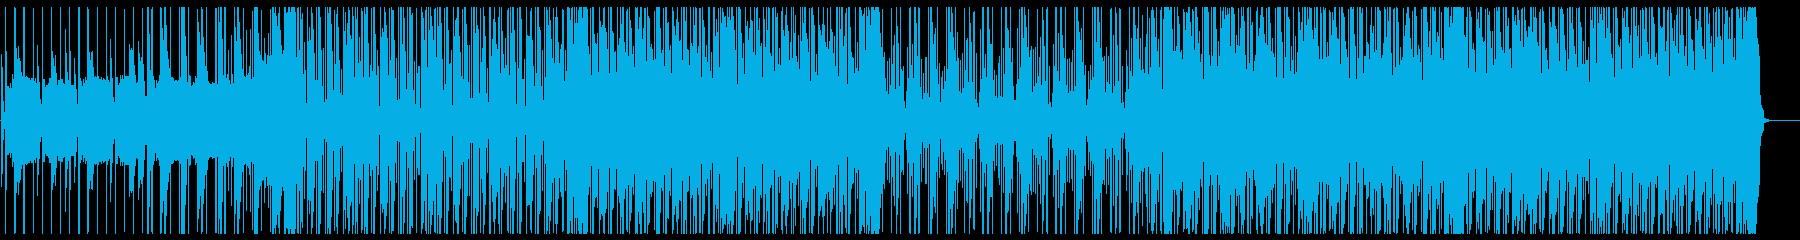 ポップで可愛いトラップ、R&Bの再生済みの波形